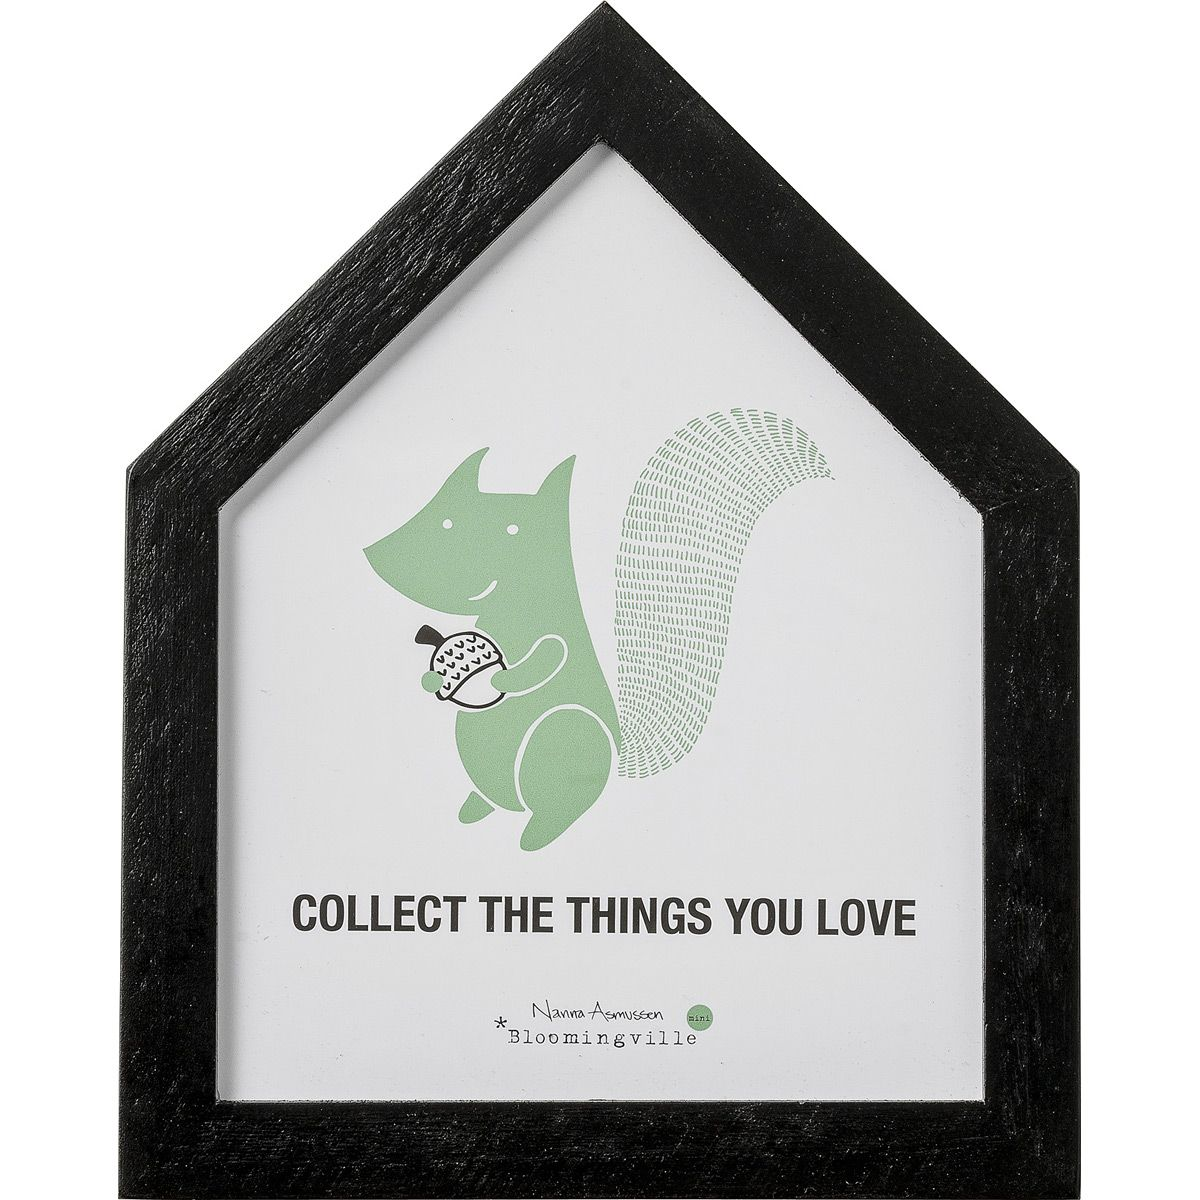 Un cadre maison à accrocher pour faire de jolis rêves et collecter les choses que l'on aime.